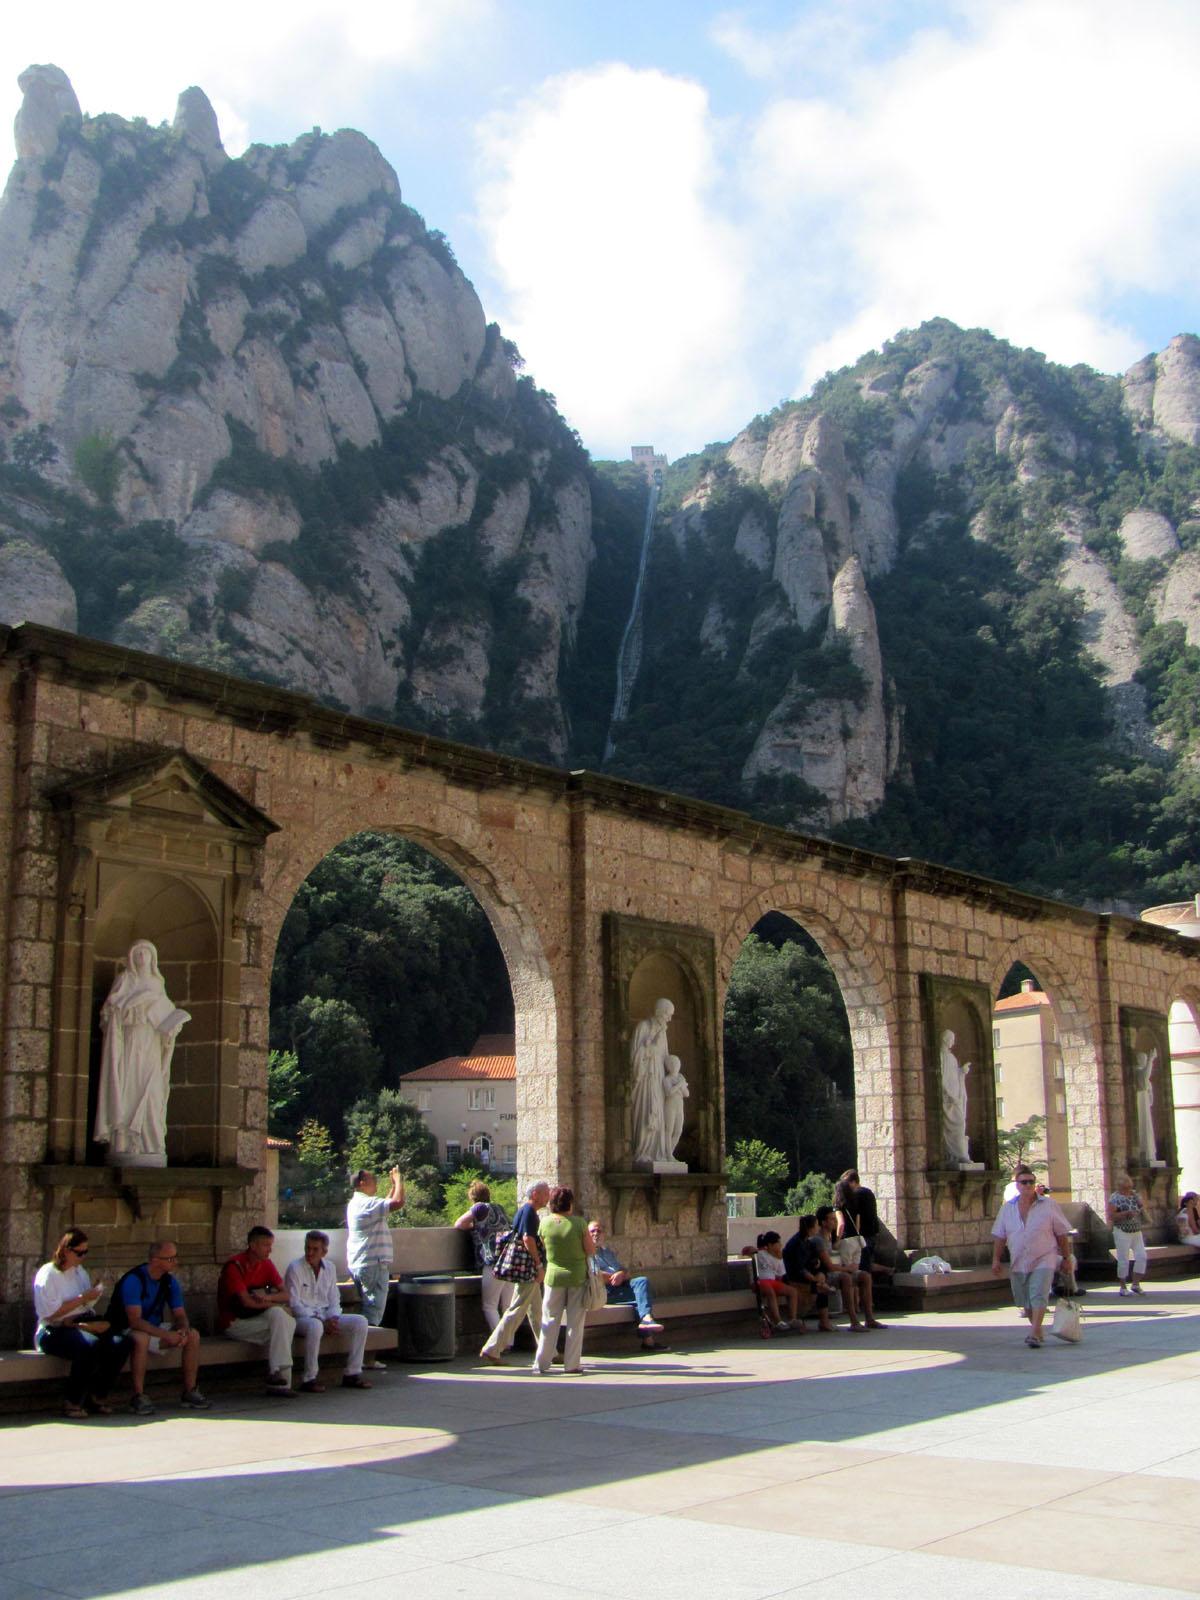 Plaza de Santa Maria, Montserrat  this bird flies